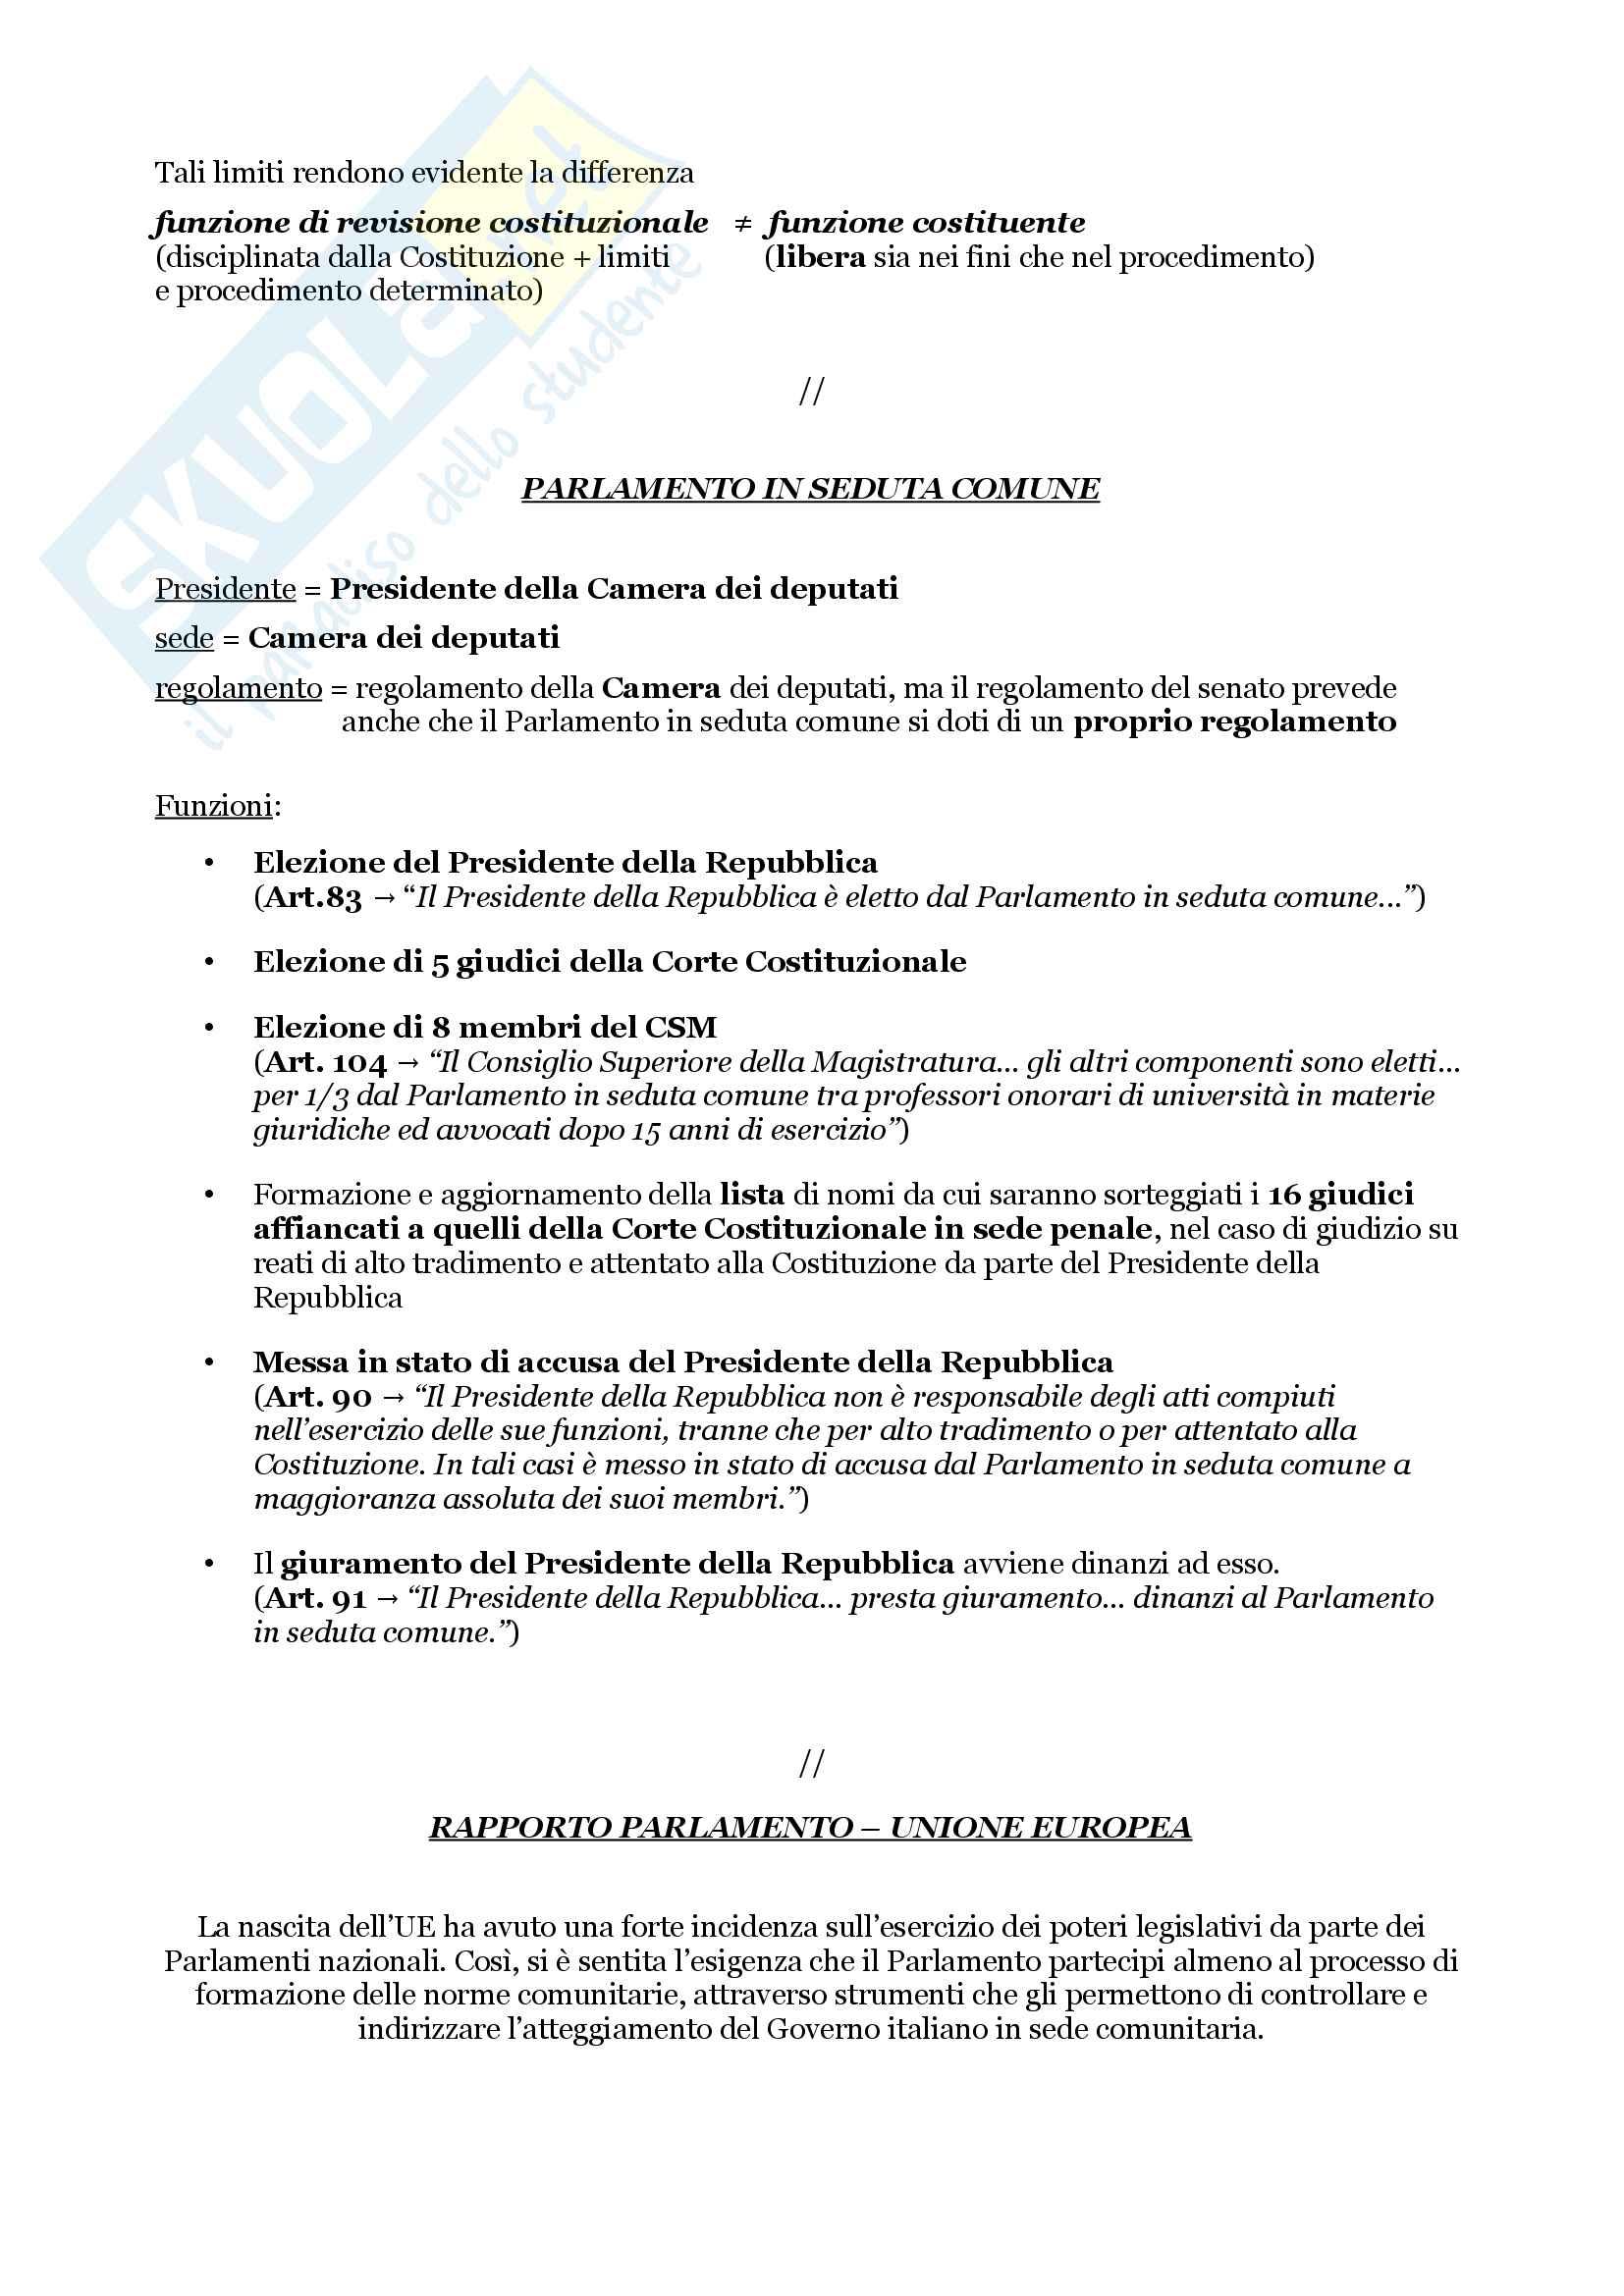 Schemi riassuntivi di istituzioni di diritto pubblico (libro di riferimento: Diritto costituzionale e pubblico, Carretti, De Siervo) Pag. 21